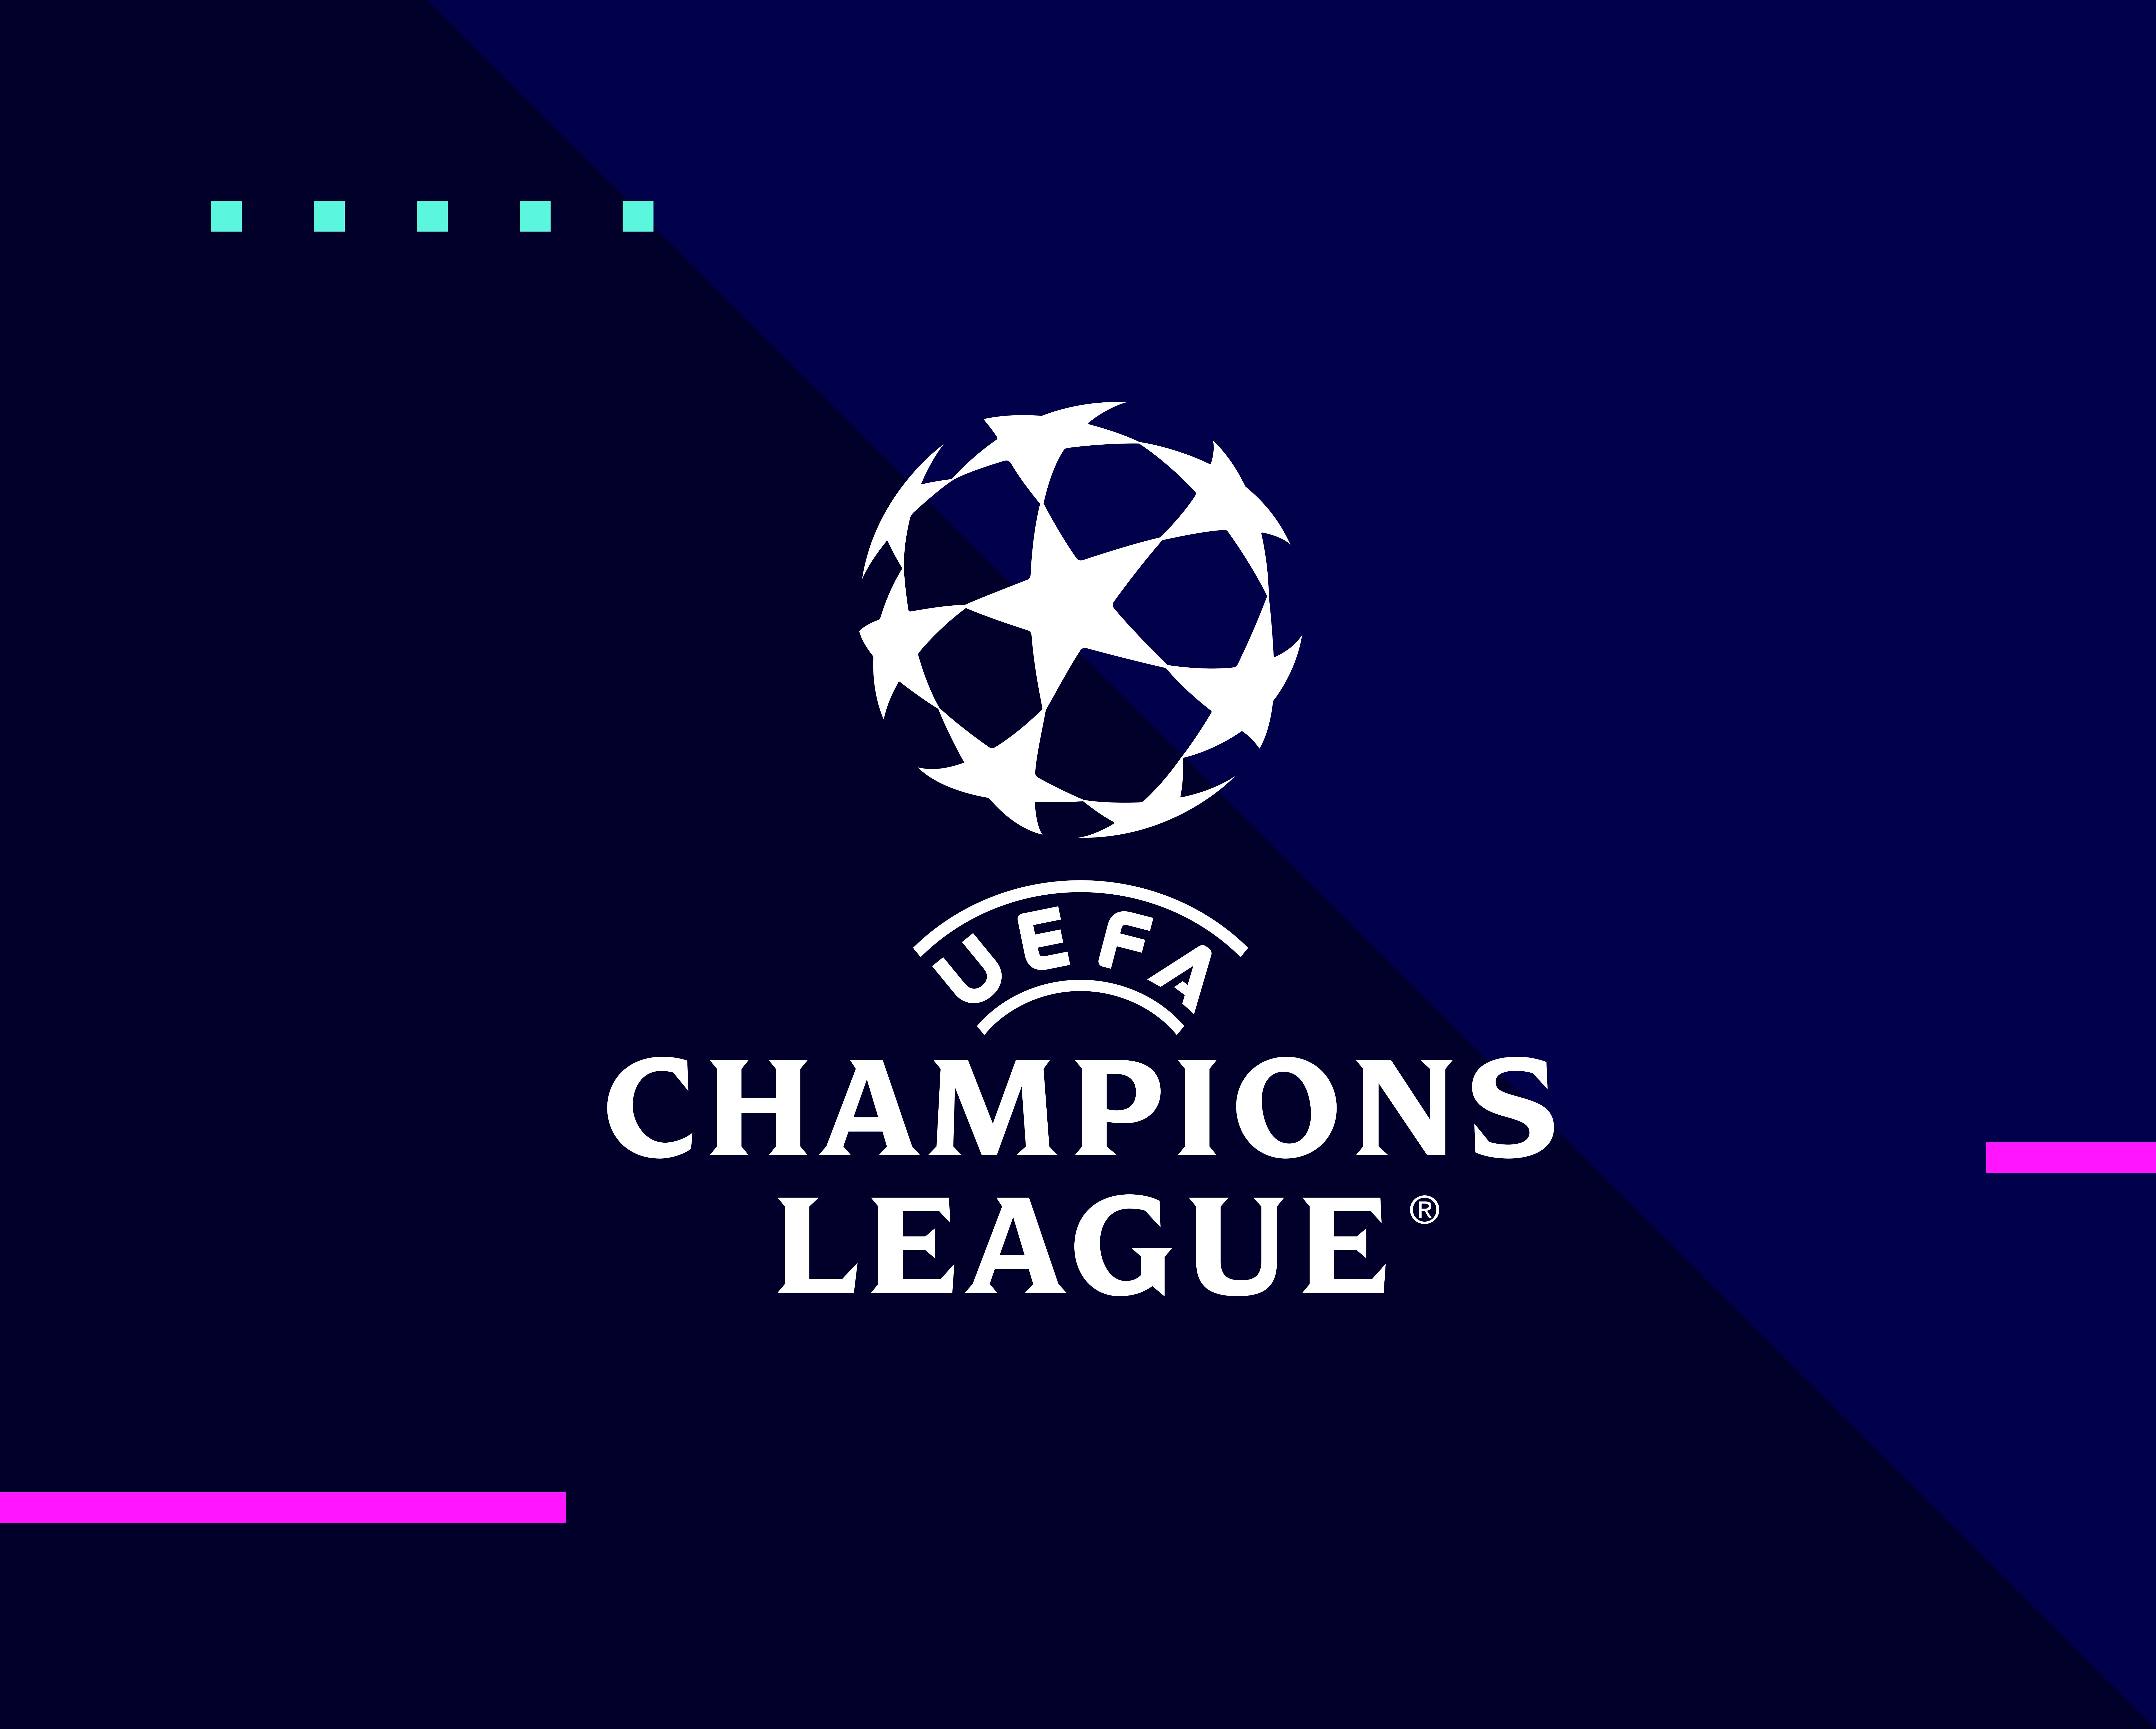 UEFA TVならCL(チャンピオンズリーグ)がライブ配信で見れる